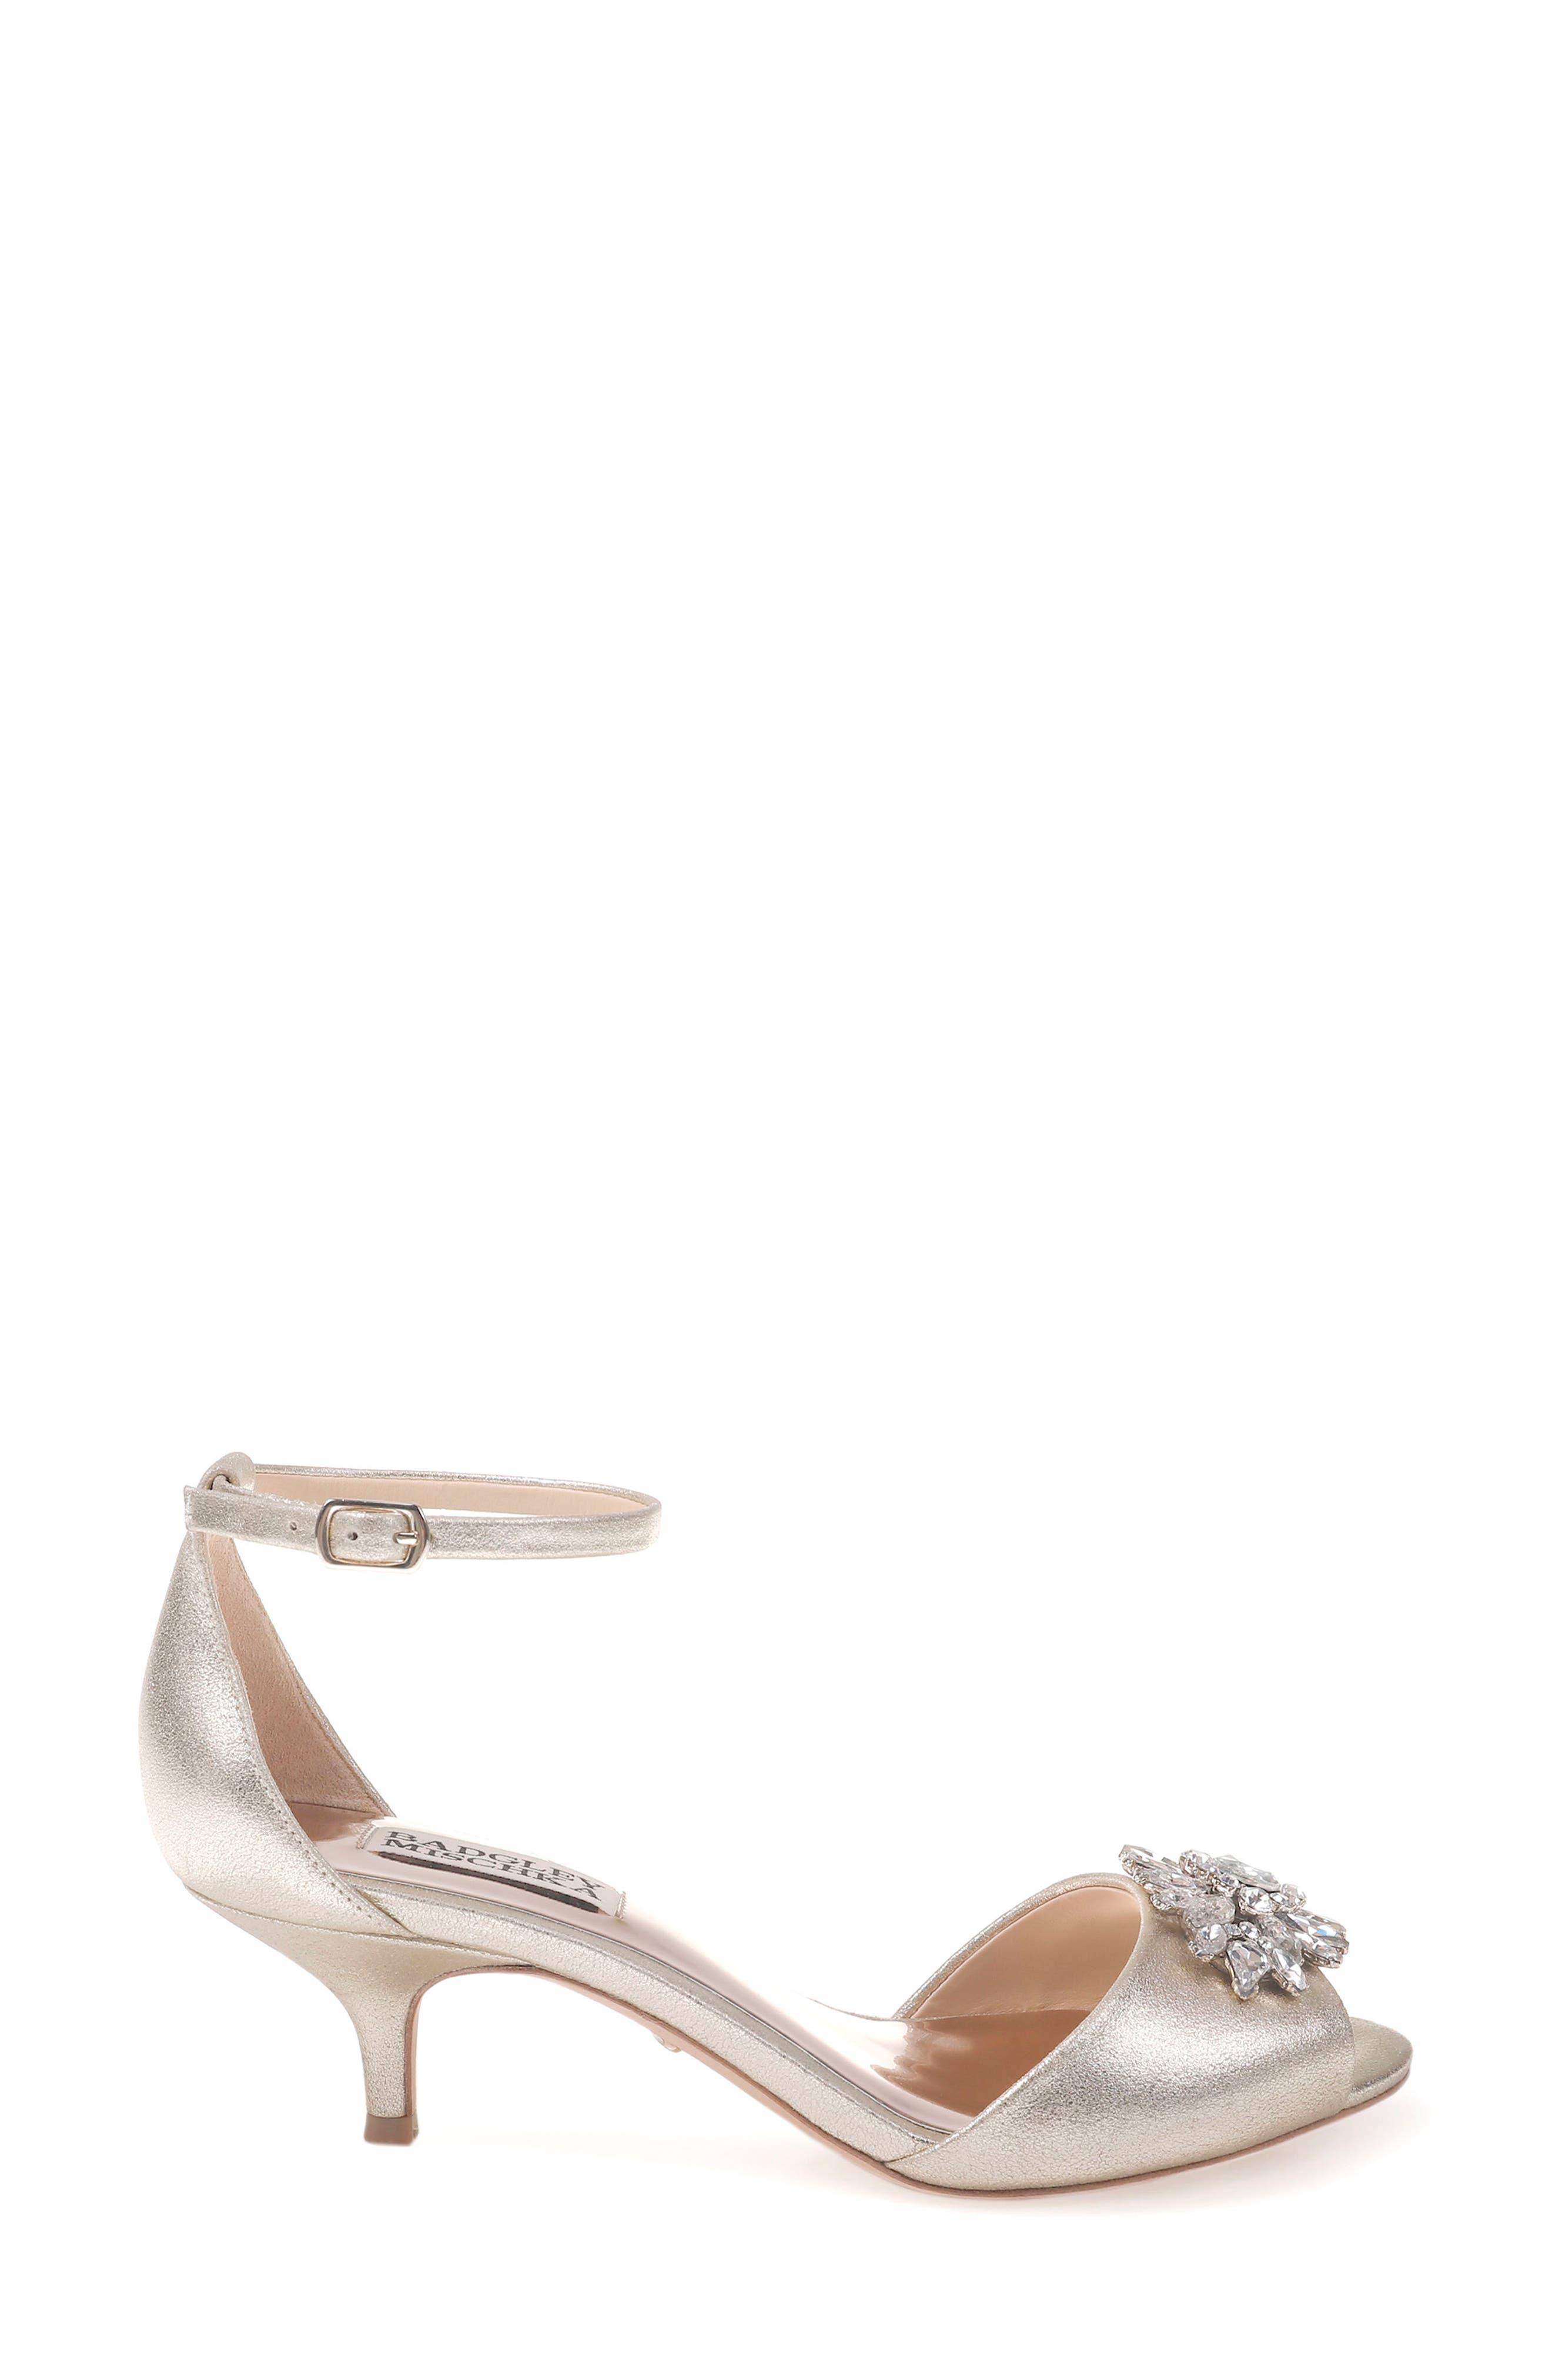 Sainte Crystal Embellished Sandal,                             Alternate thumbnail 15, color,